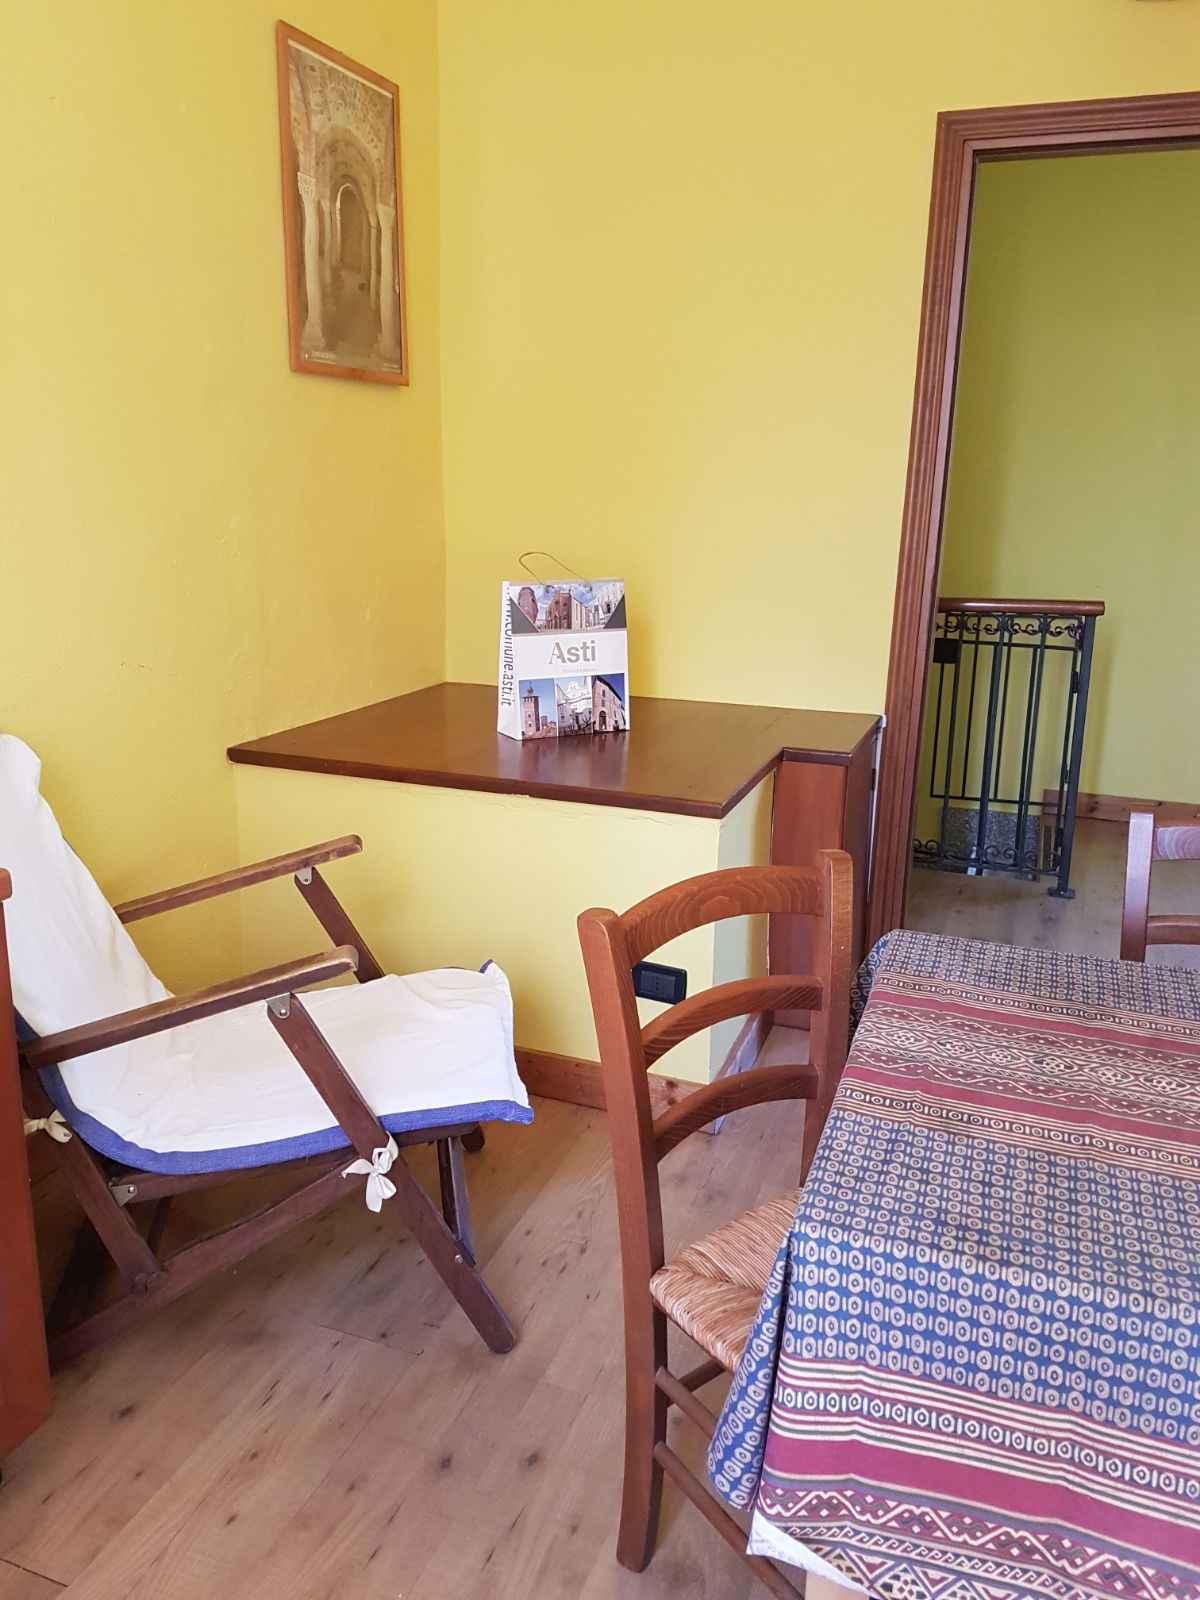 Ferienwohnung mit antiken Möbeln (308921), Portacomaro, Asti, Piemont, Italien, Bild 7